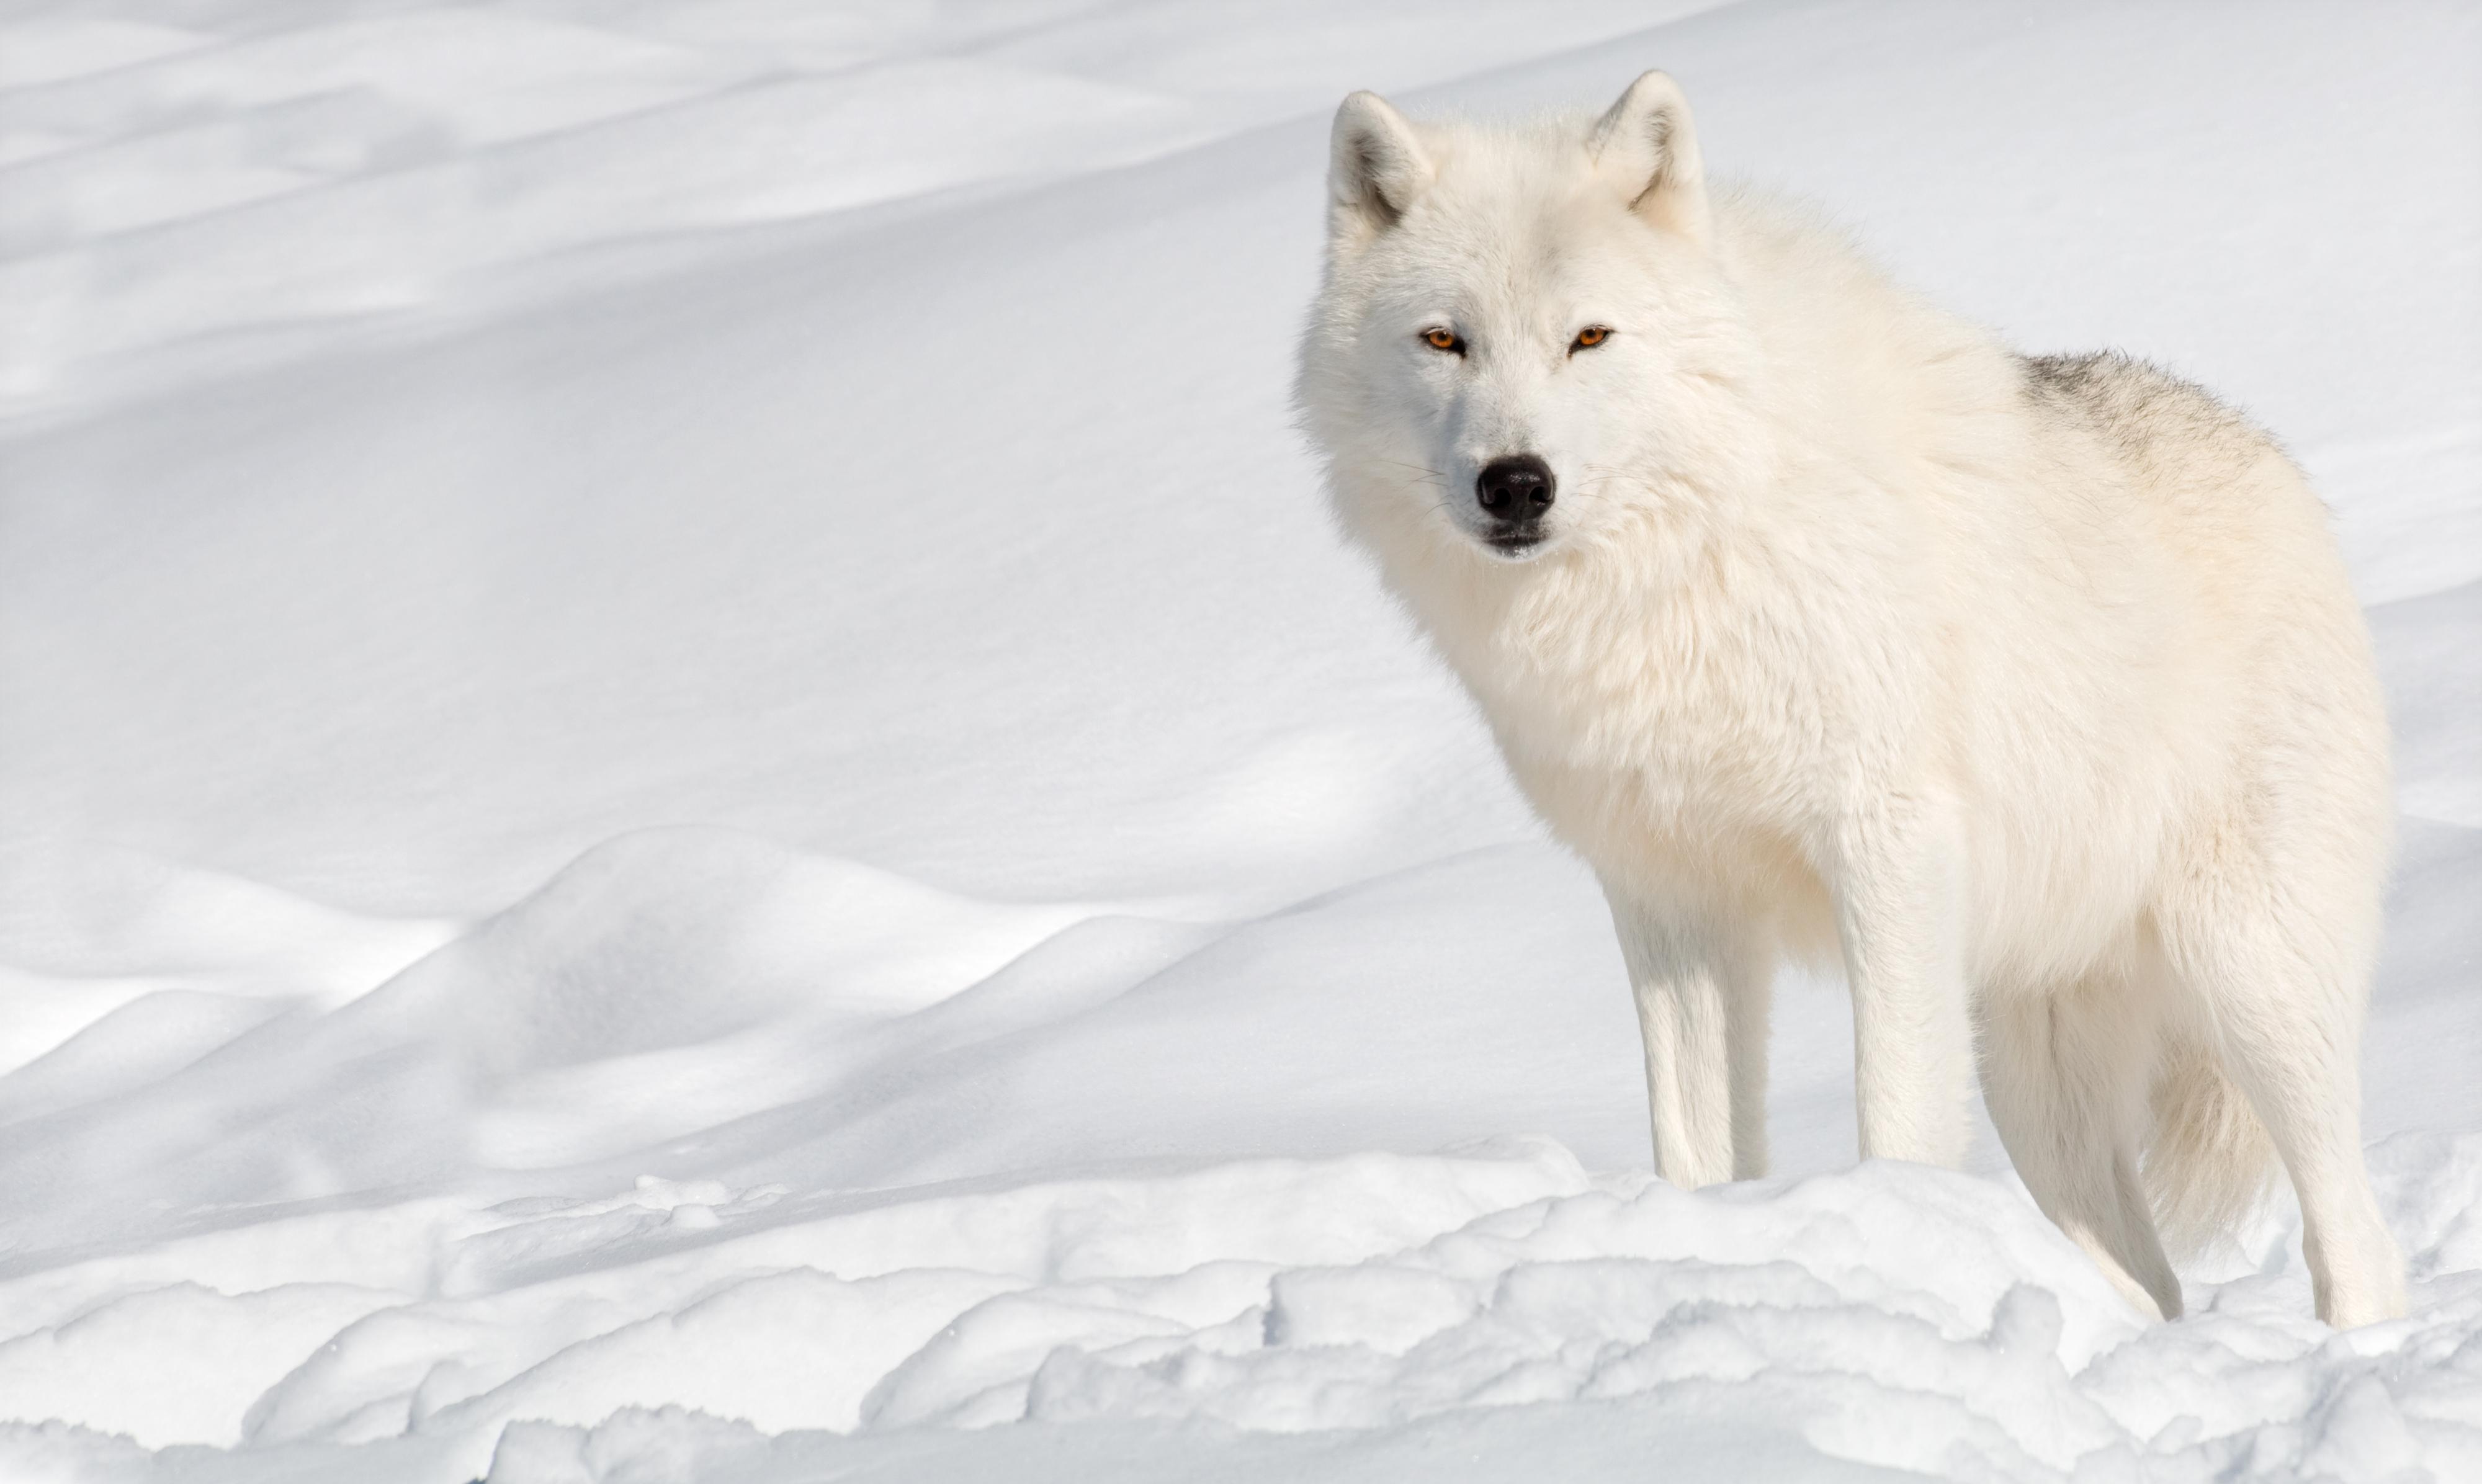 空手套白狼必看的赚钱思维